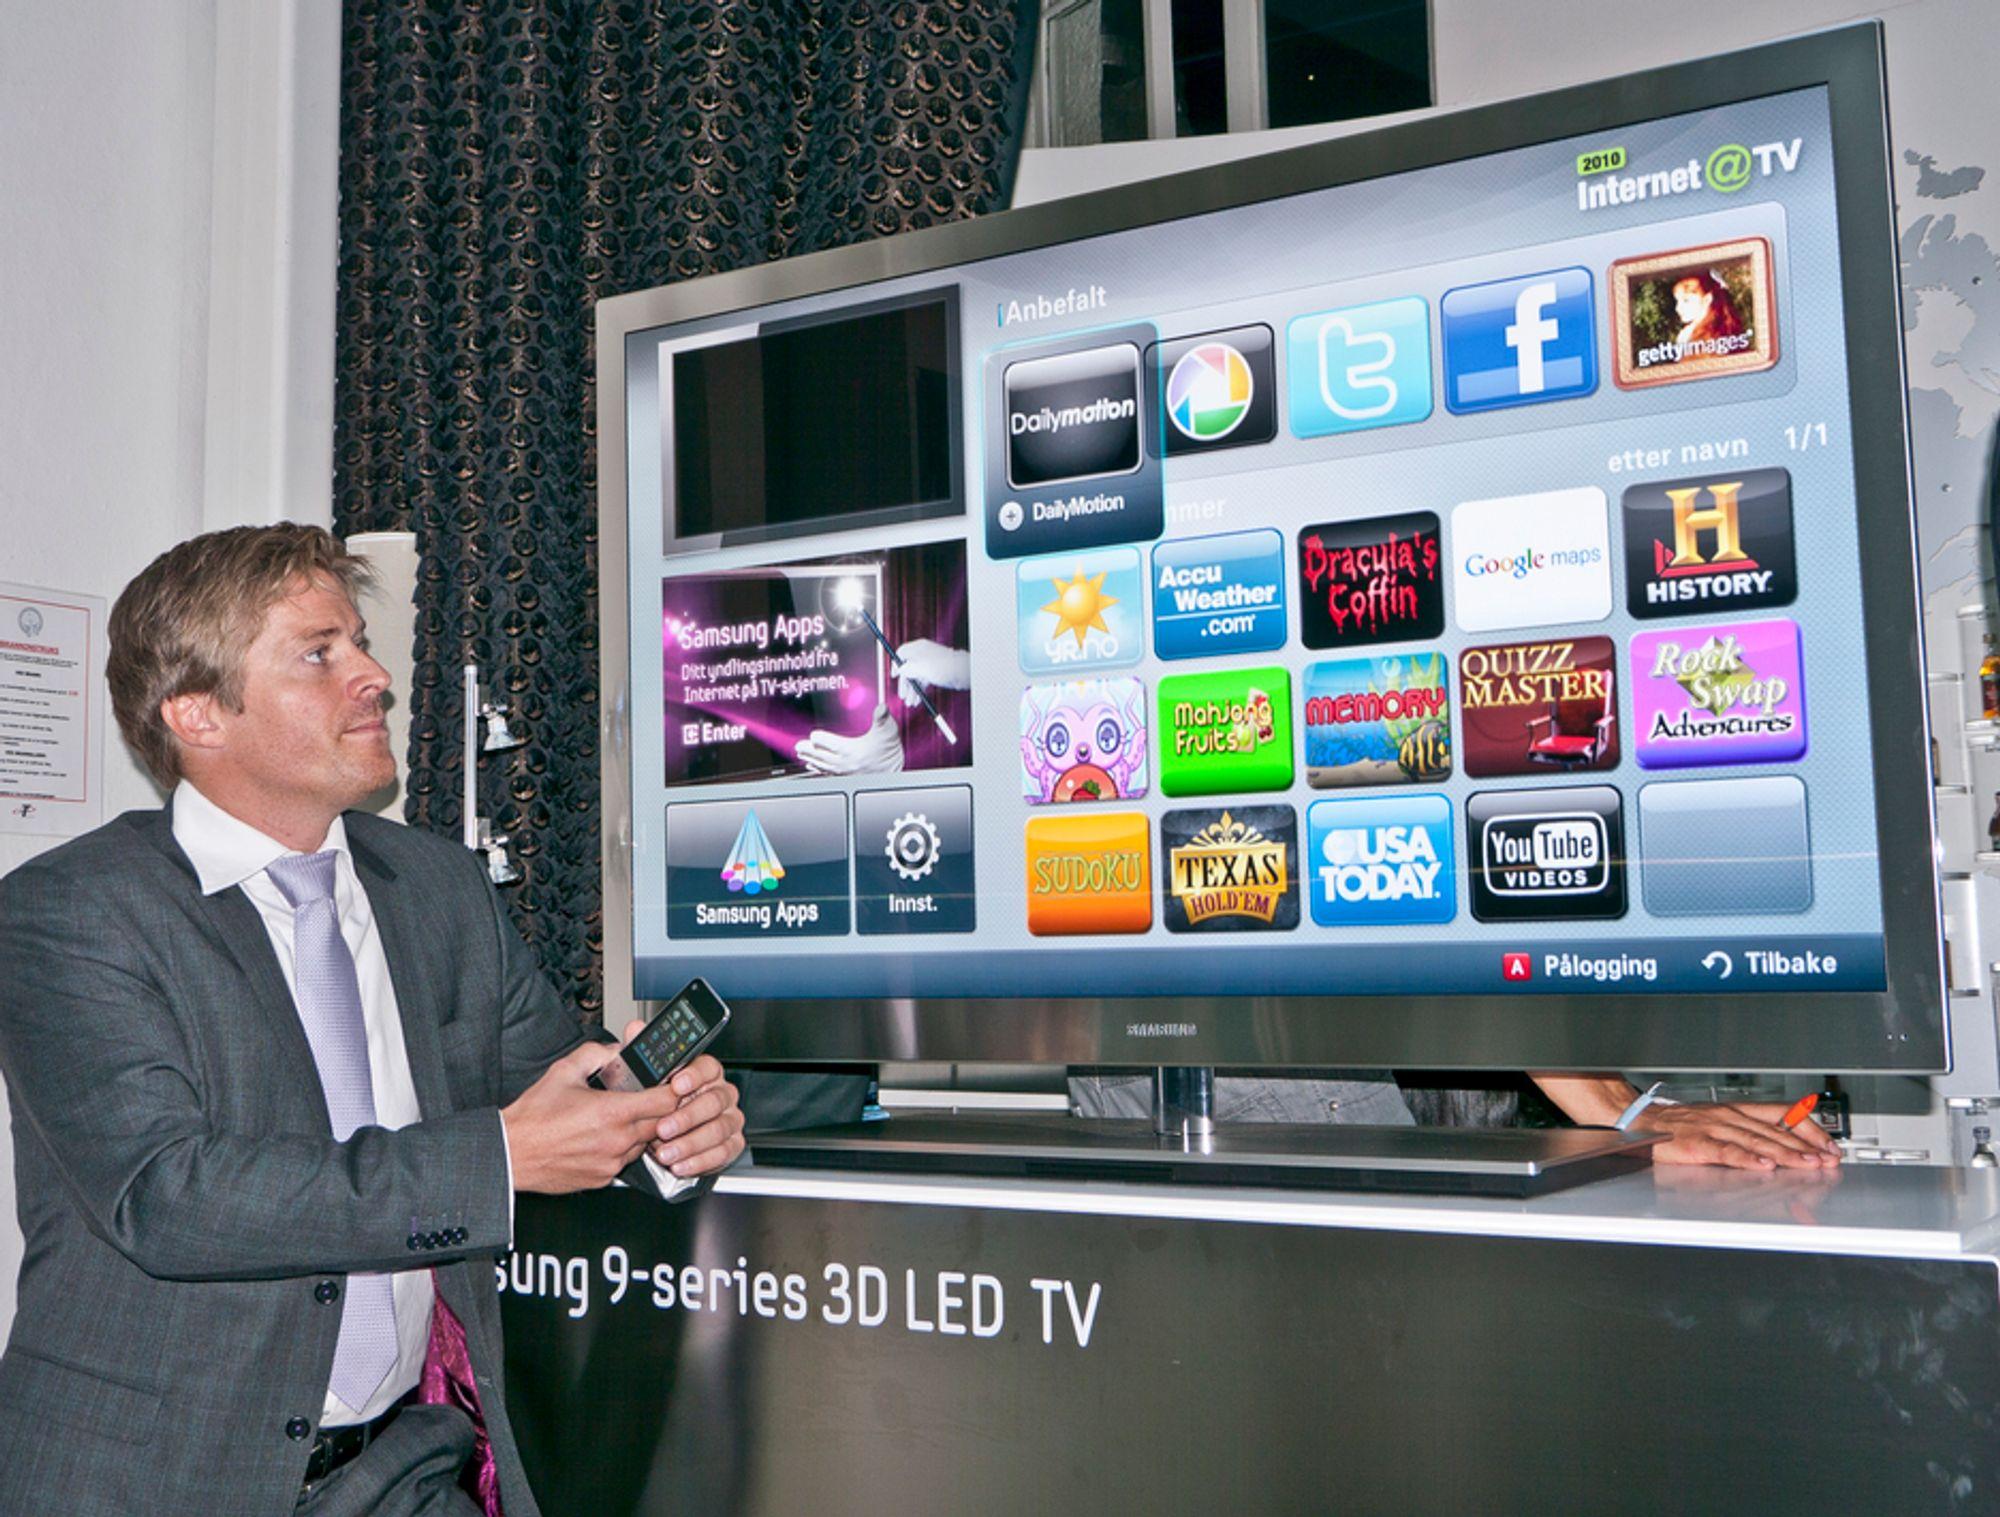 INTERNETT-TVI vår nye 9-serie har vil lagt inn alt vi har av teknologi fra 3D til mediedeling og Internett, sier produktsjef i Samsung Norge Pål Jansen.